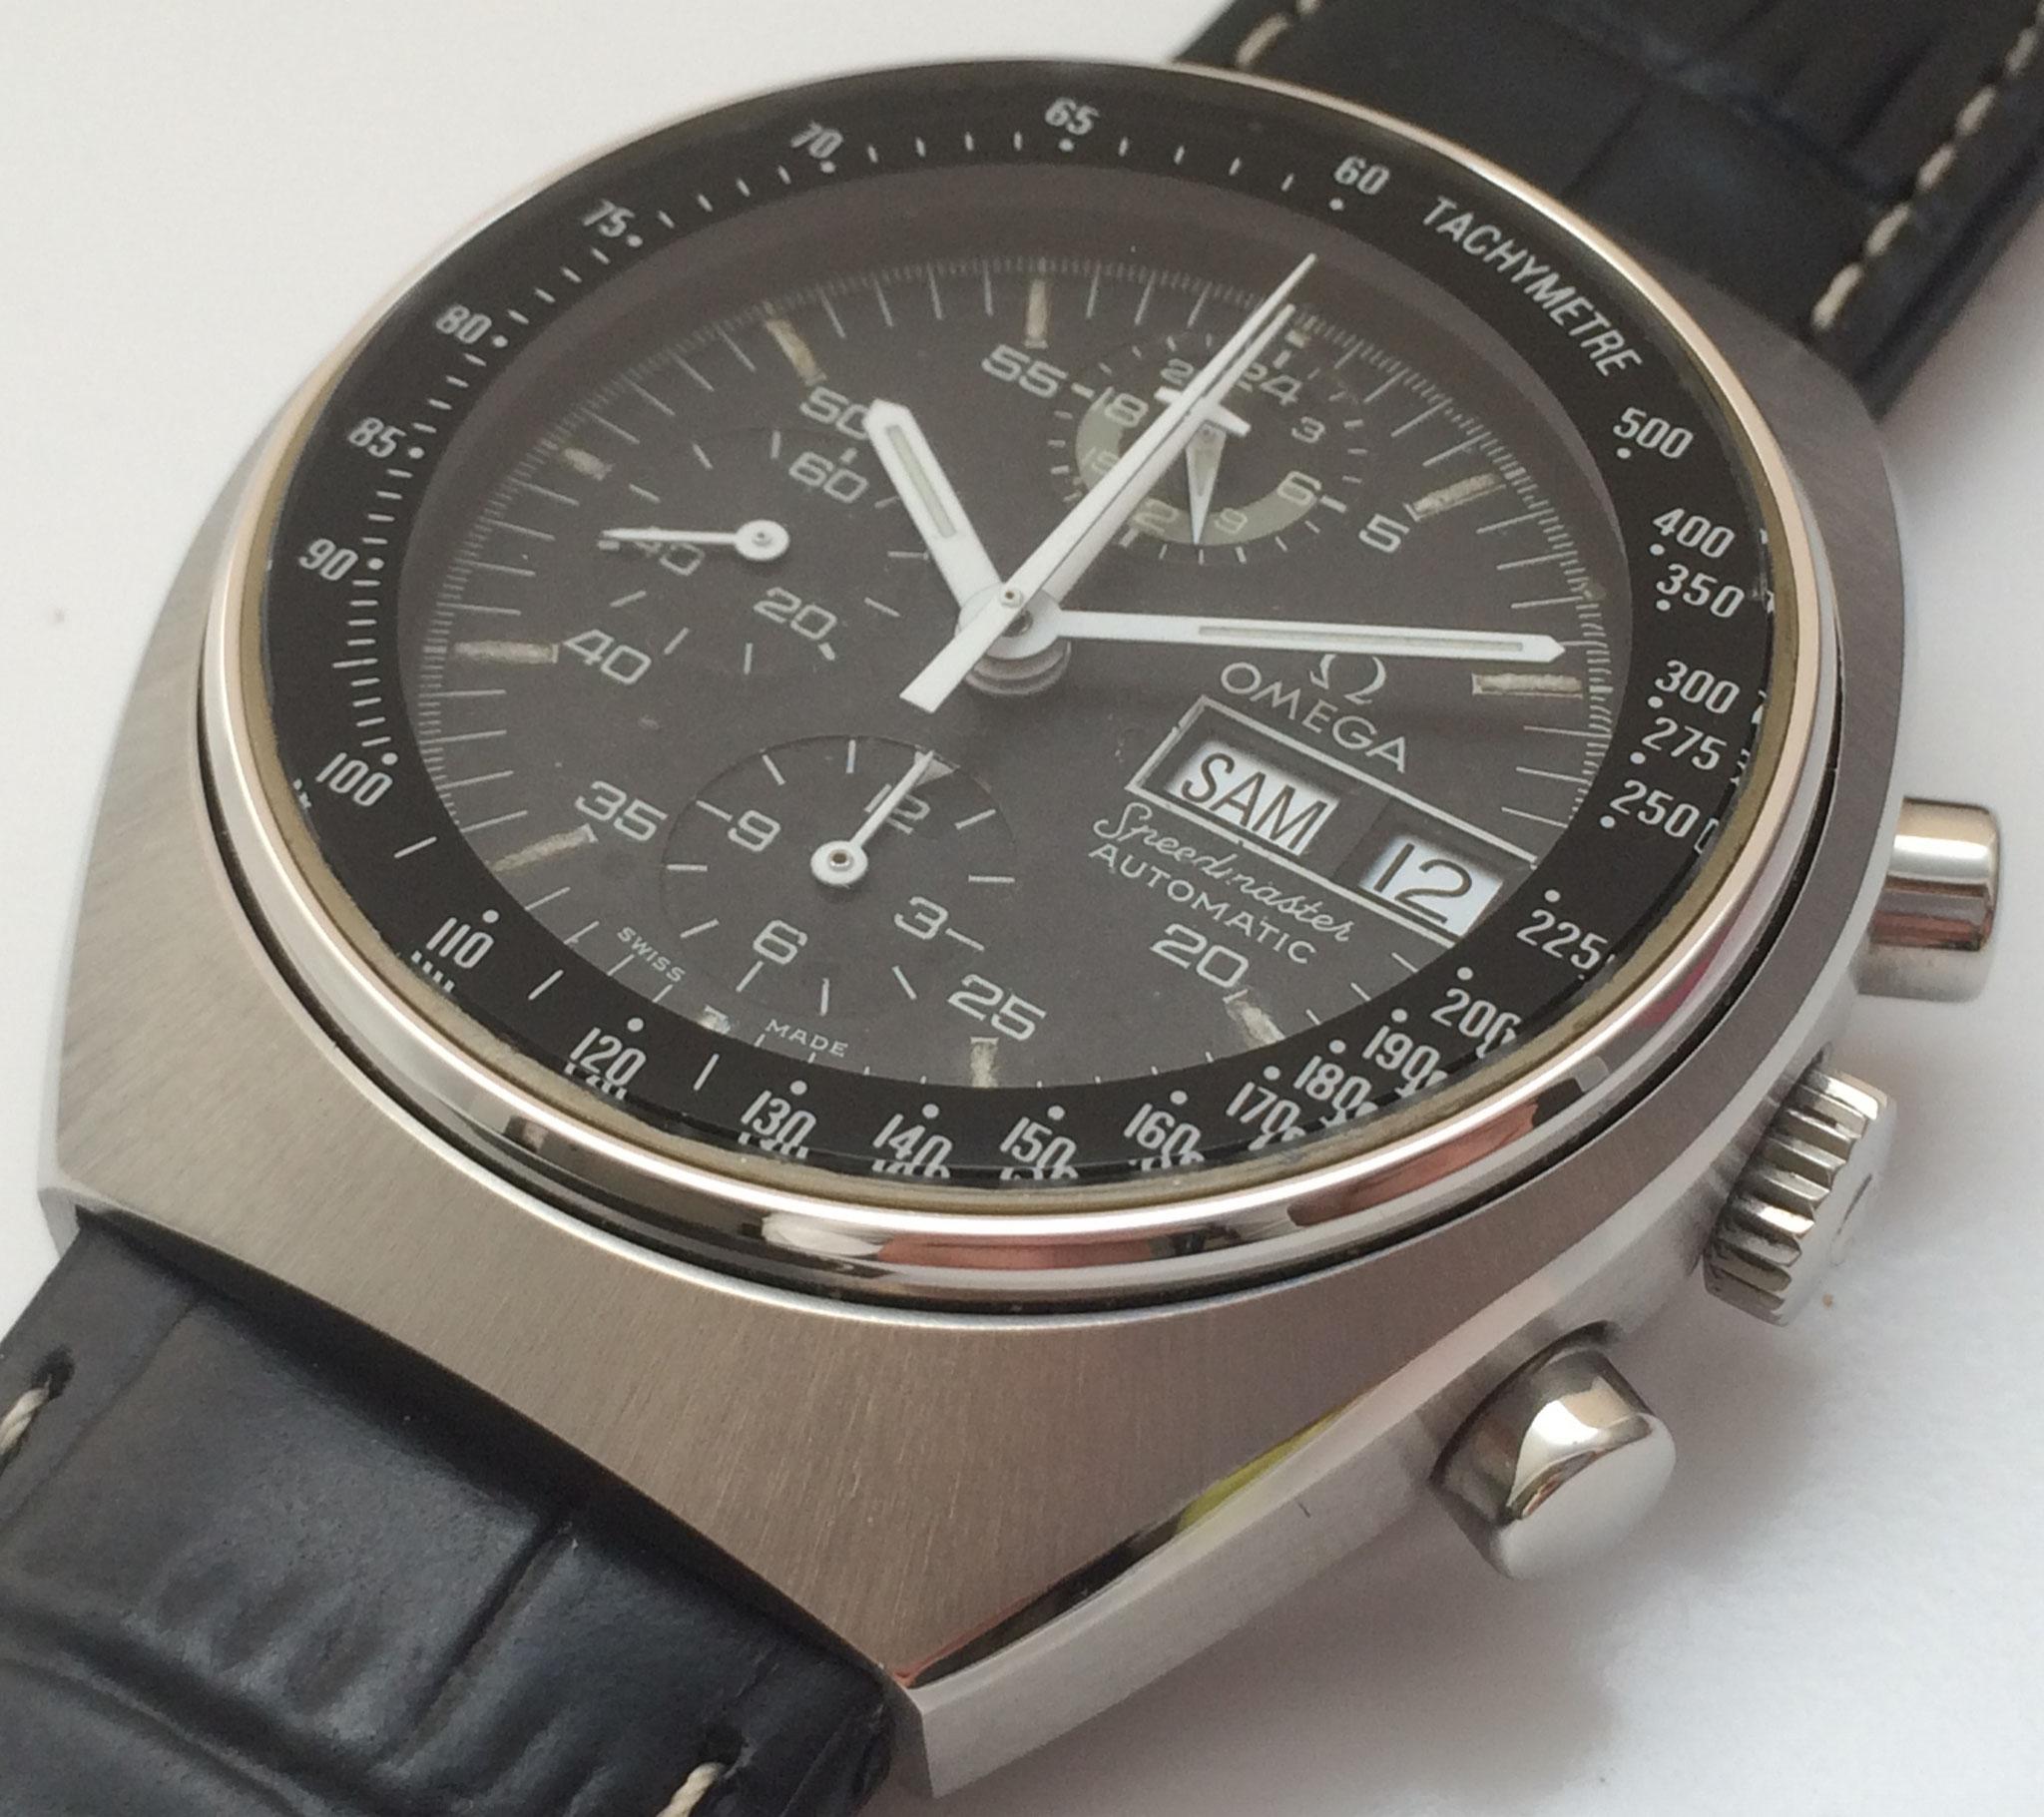 Omega Speedmaster Chronograph Ref. 176.0012 mit Omega 1045(Lemania 5100) aus den siebziger Jahren